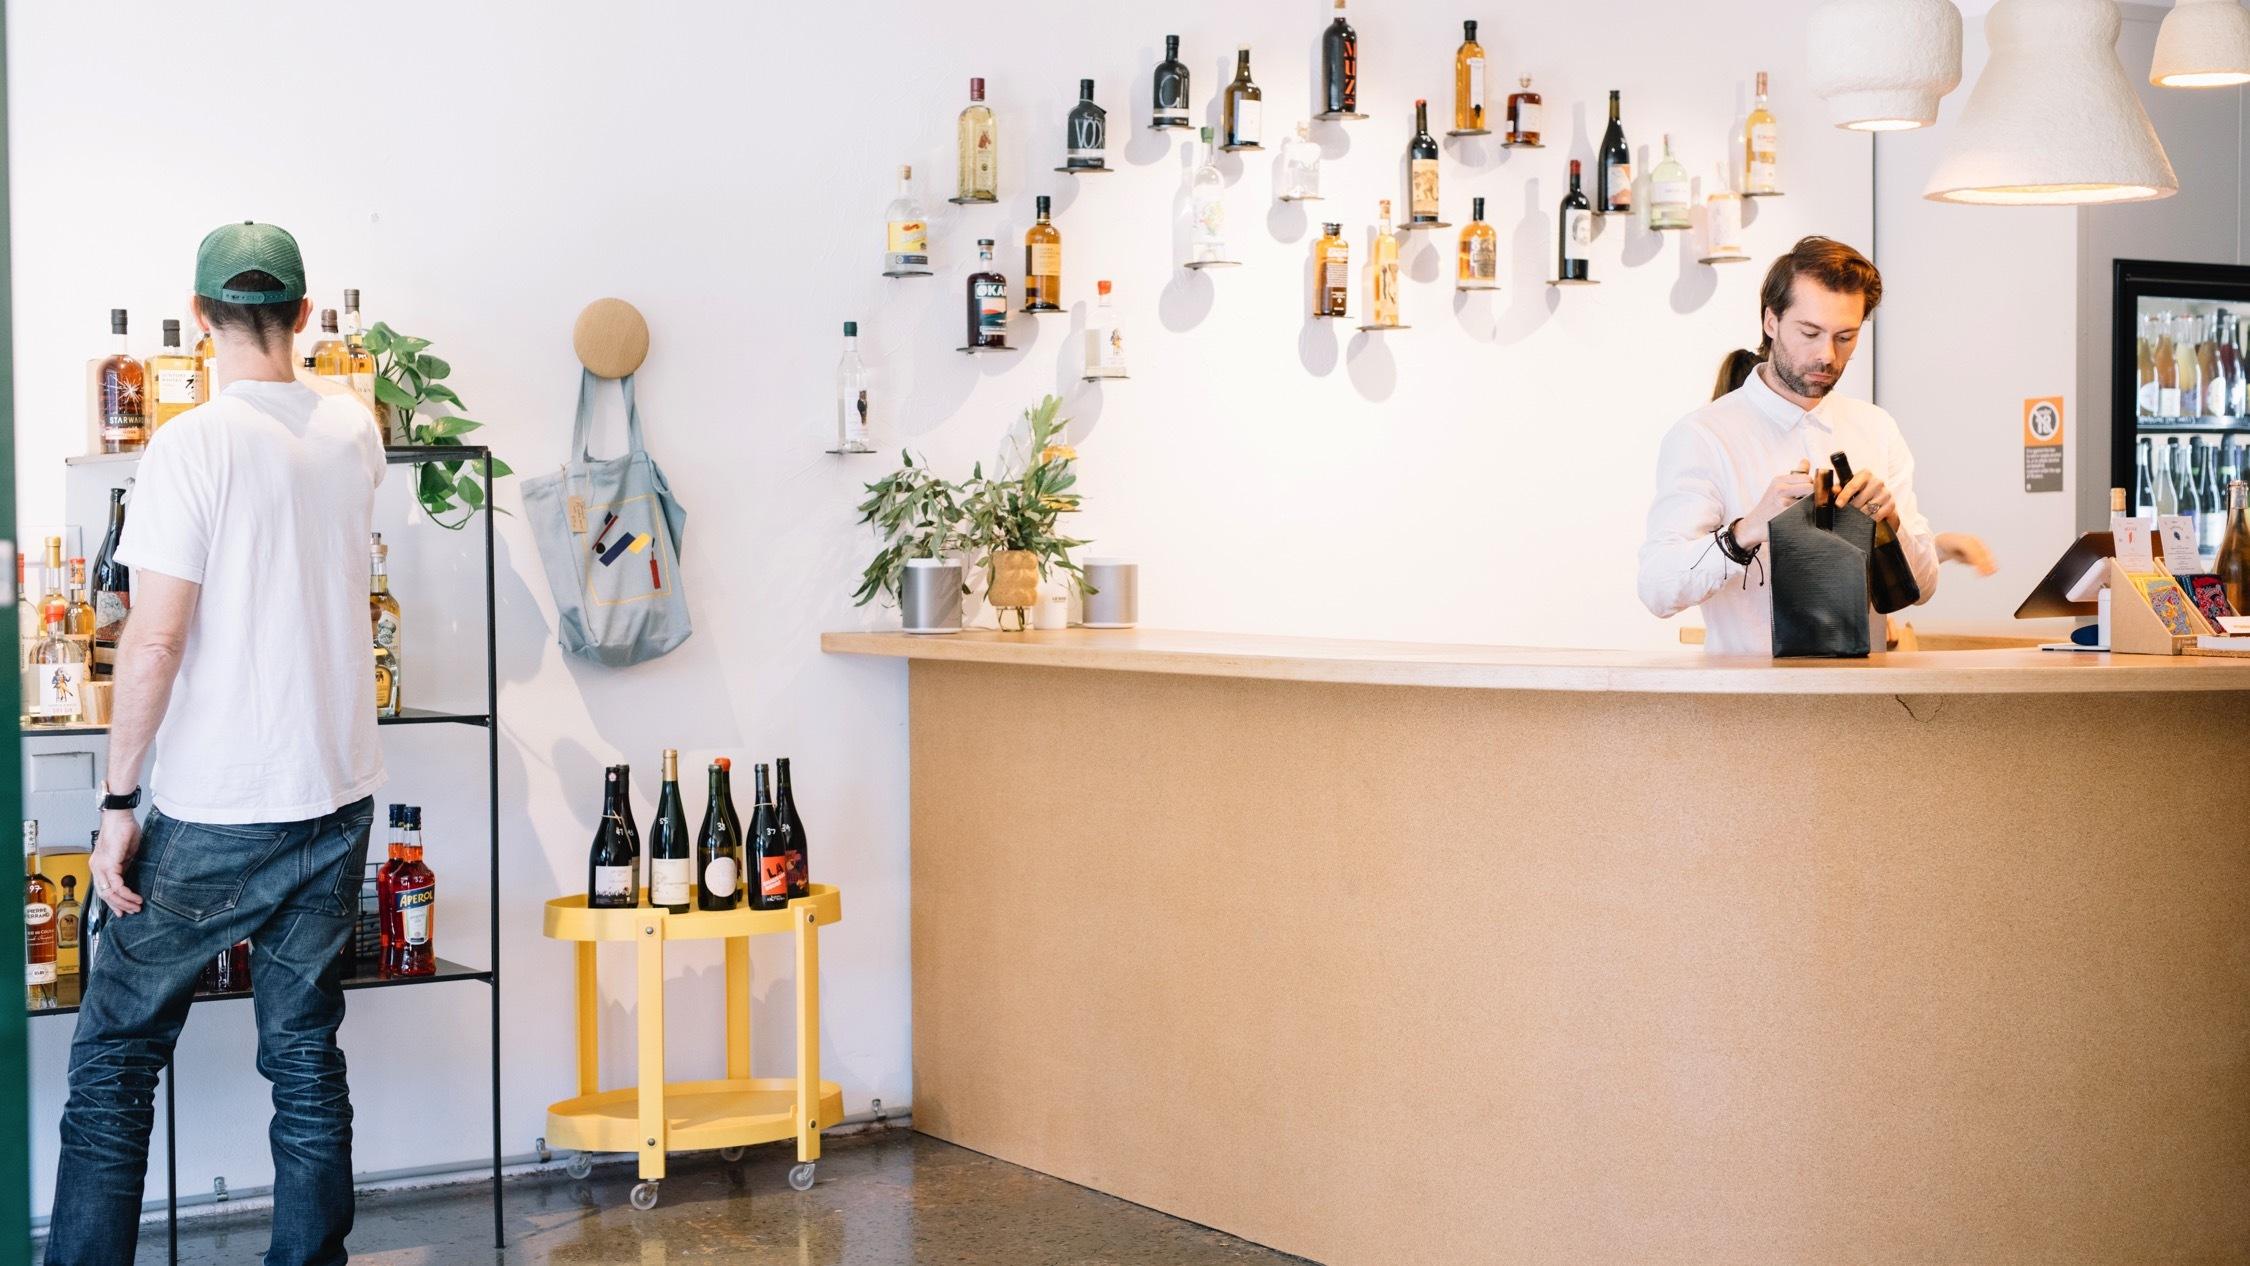 Person inside wine store at Winona